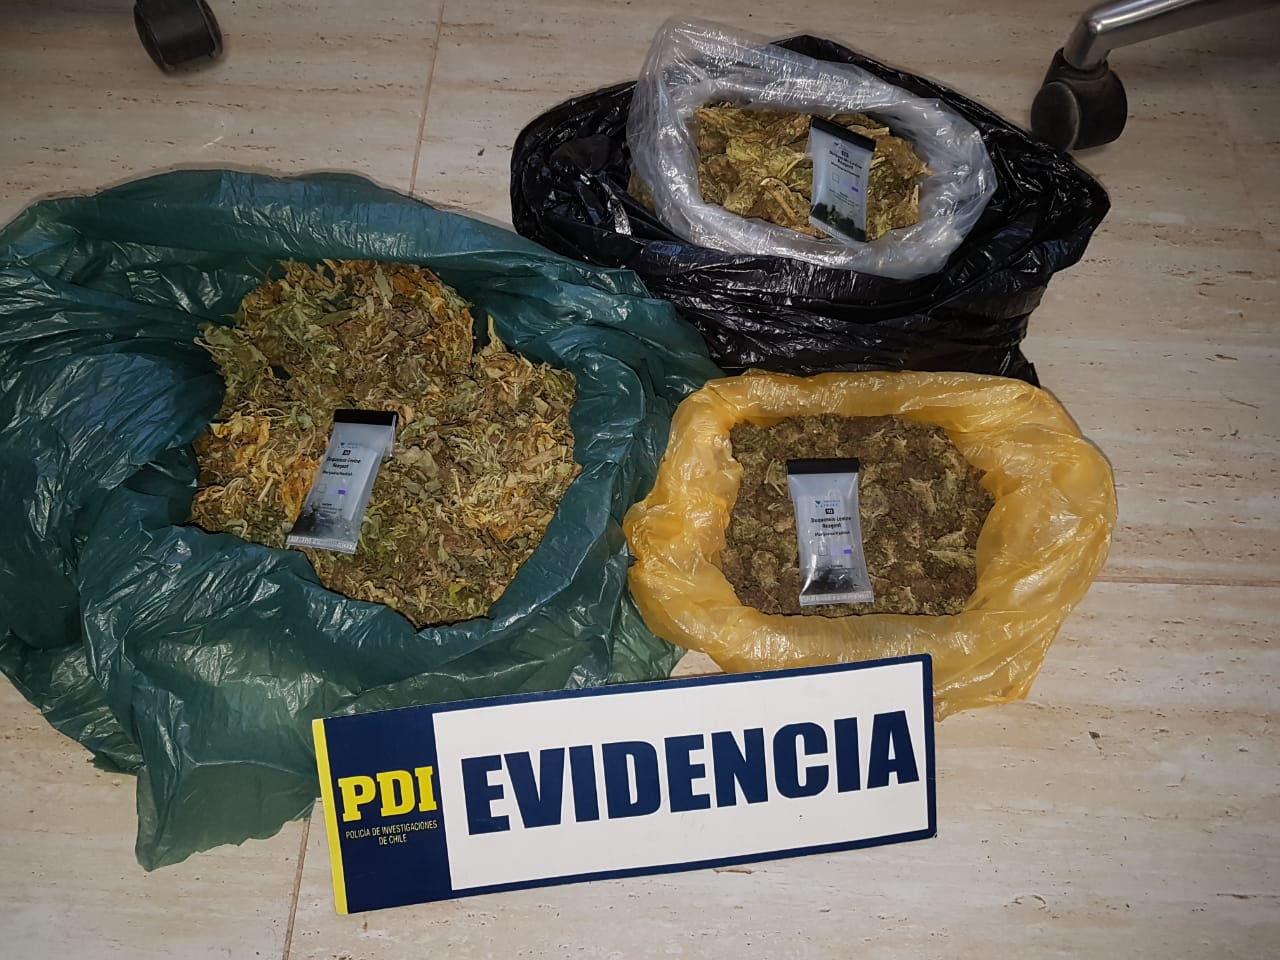 PDI encuentra nuevos cultivos de cannabis que se vincularían con el crimen de Mincha